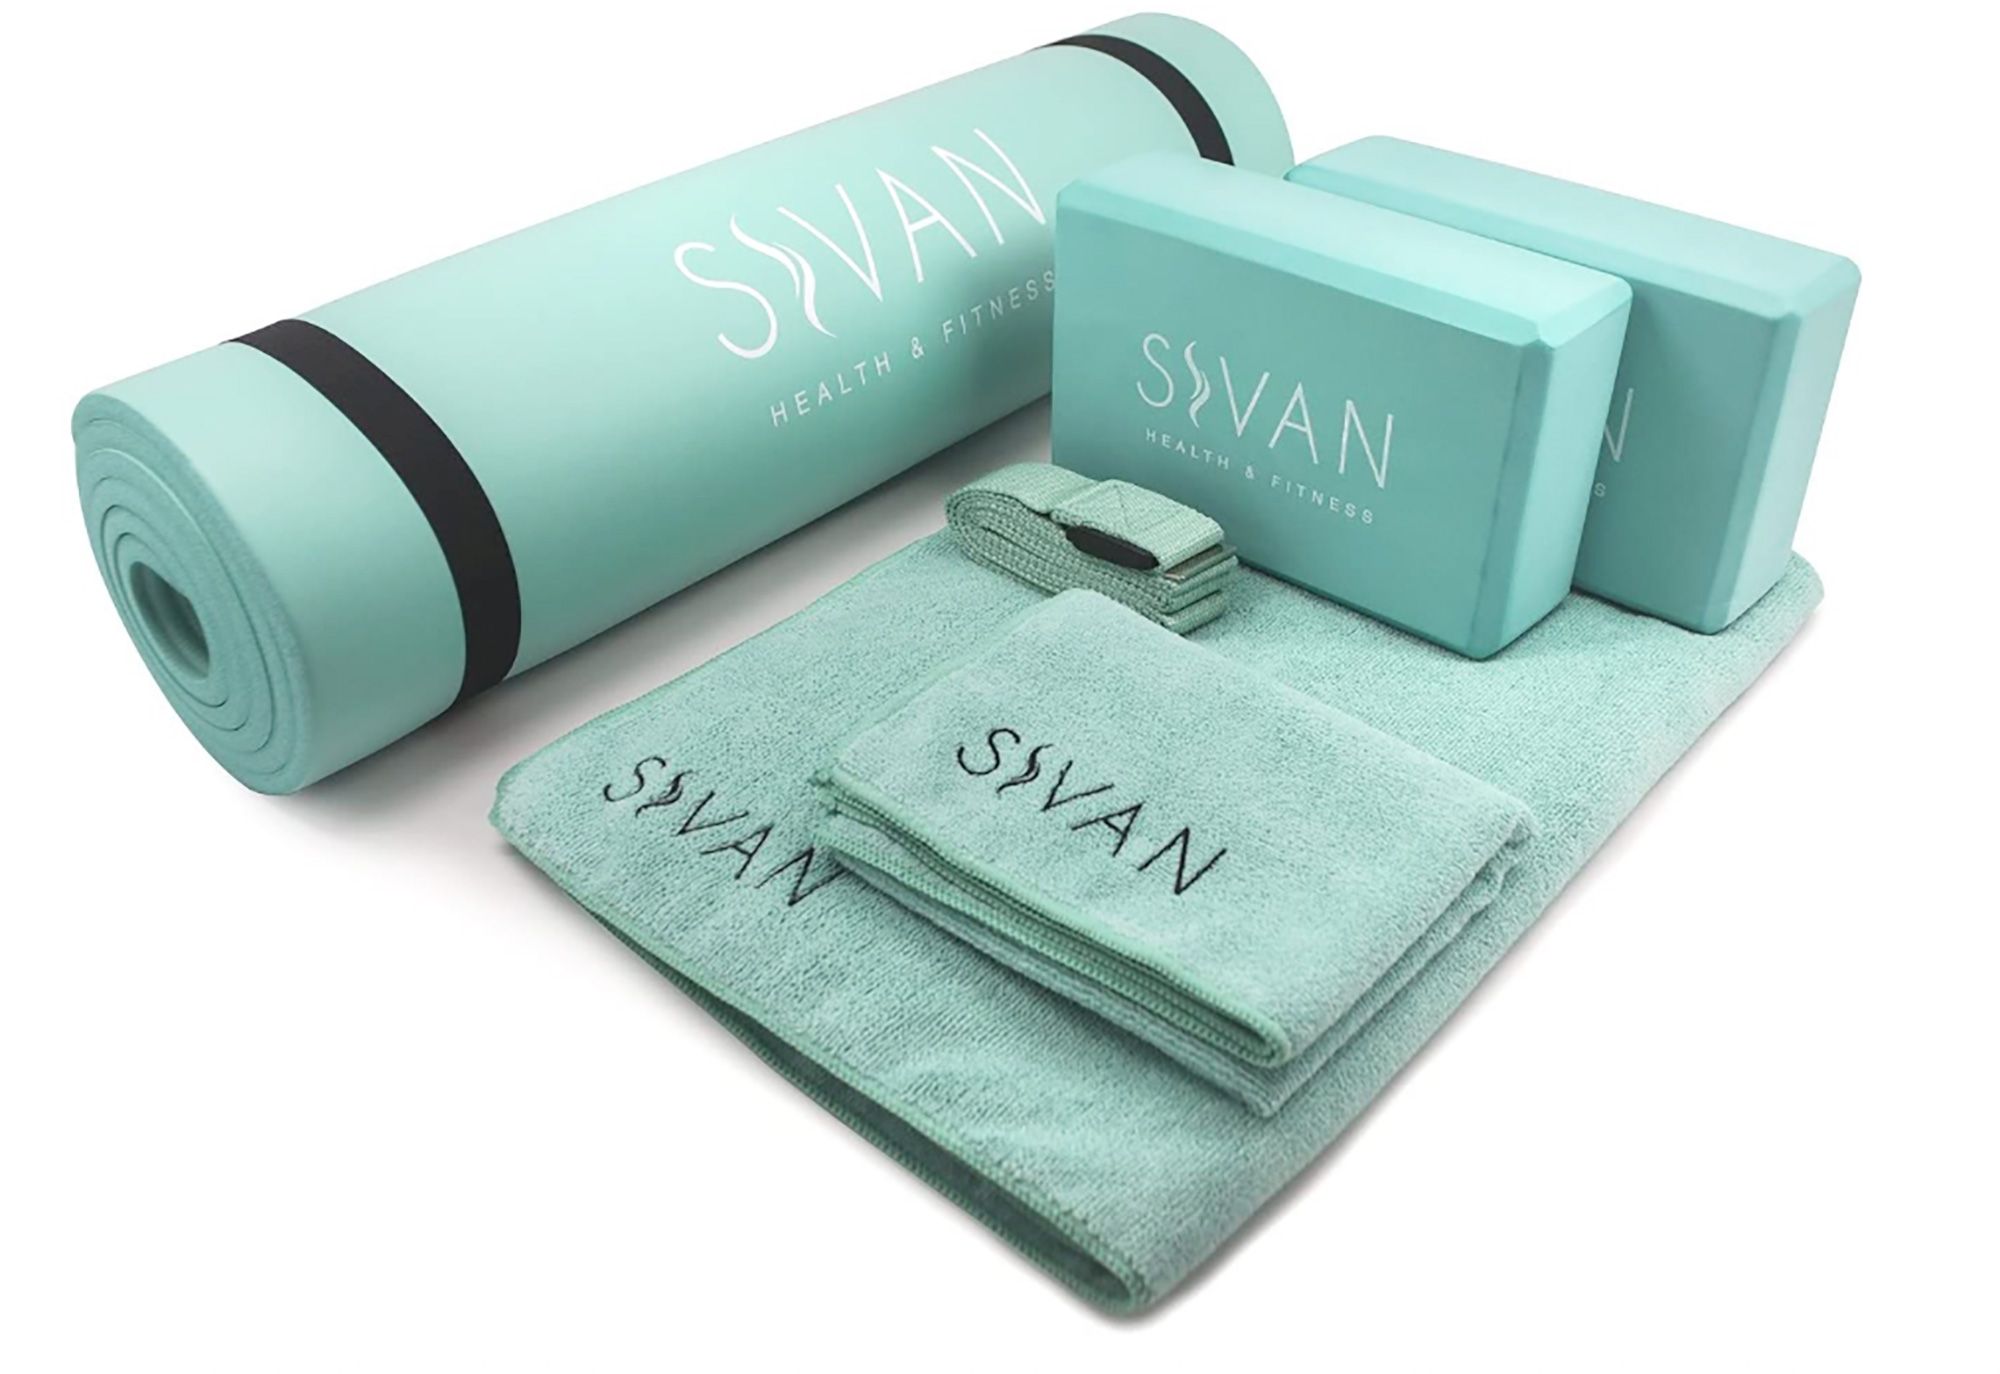 Un regalo ideal para aquellos que aman la disciplina del yoga, ya que incluye todo los elementos básicos que necesitas para realizar una sesión en casa. El kit traeuna colchoneta, un set de toallas, una correa y dos bloques.